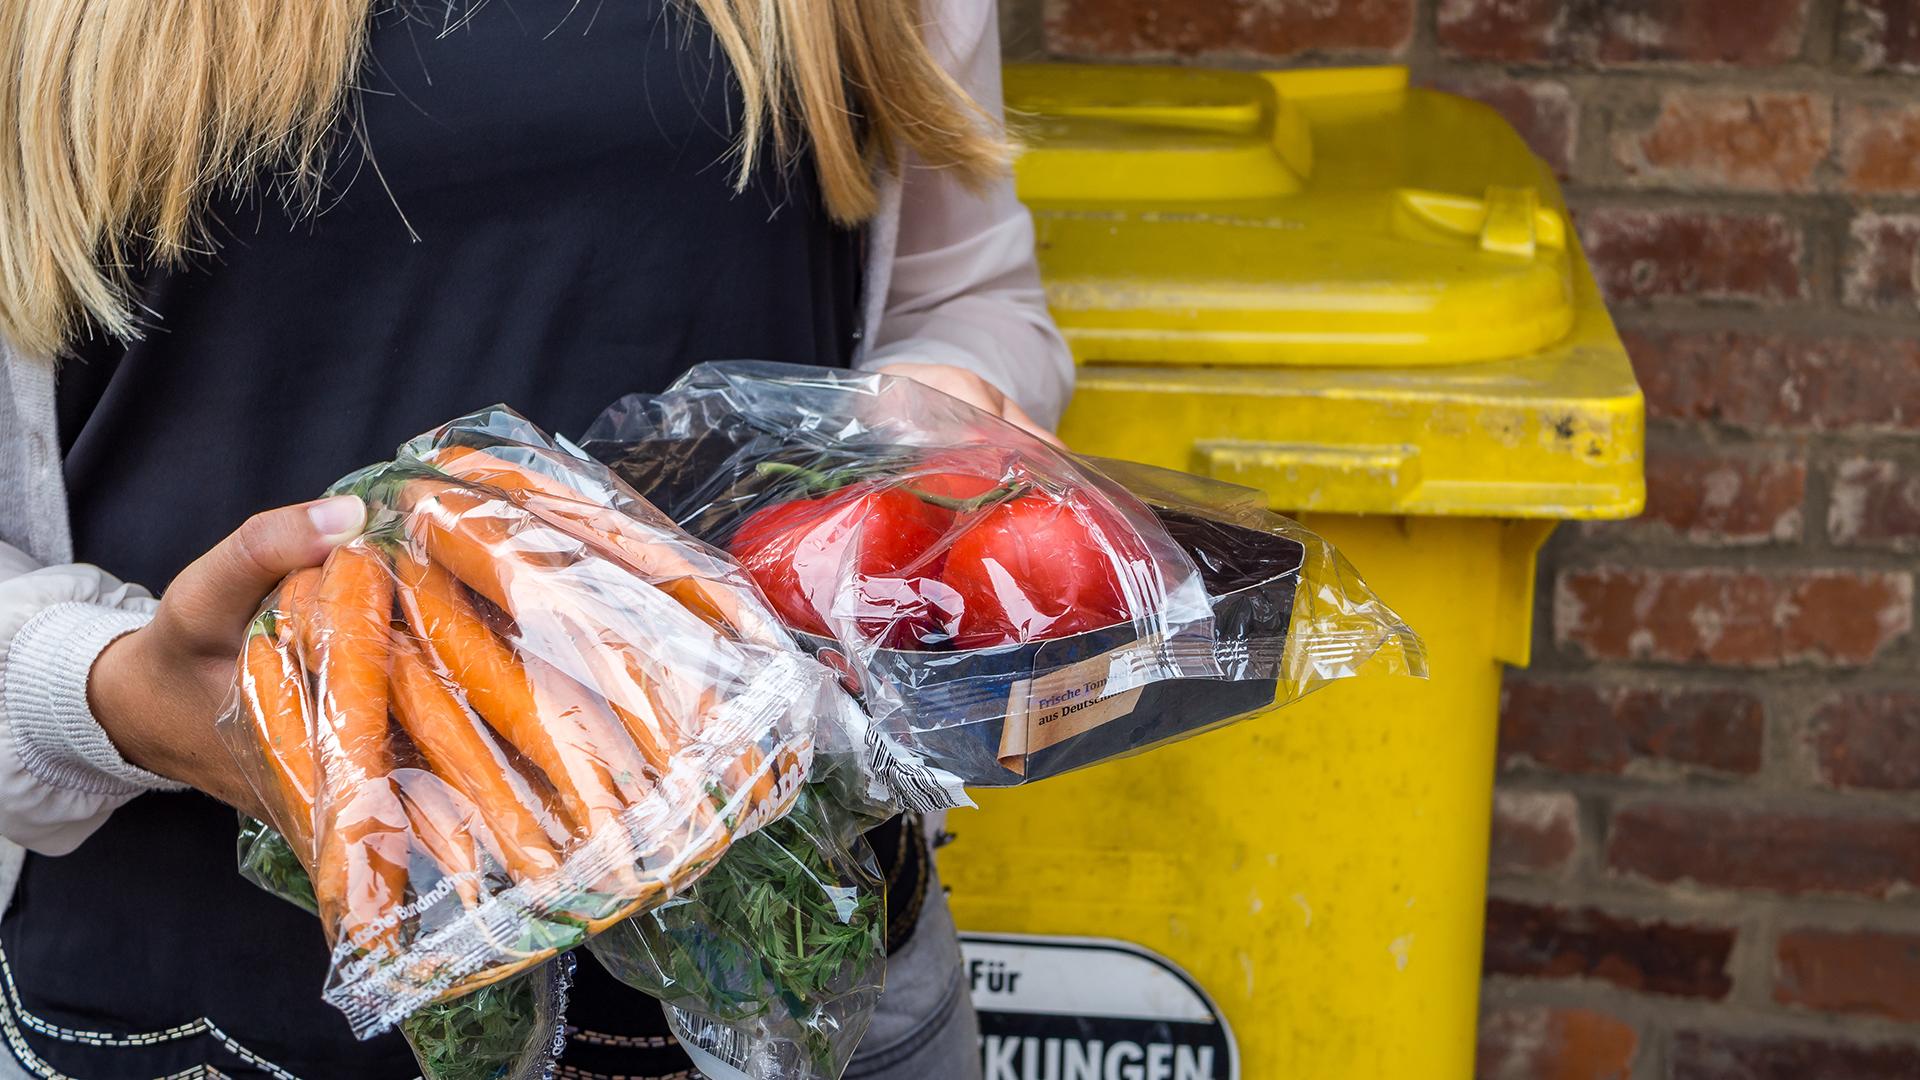 Eine Frau vor einer Mülltonne hält Lebensmittel in der Hand.